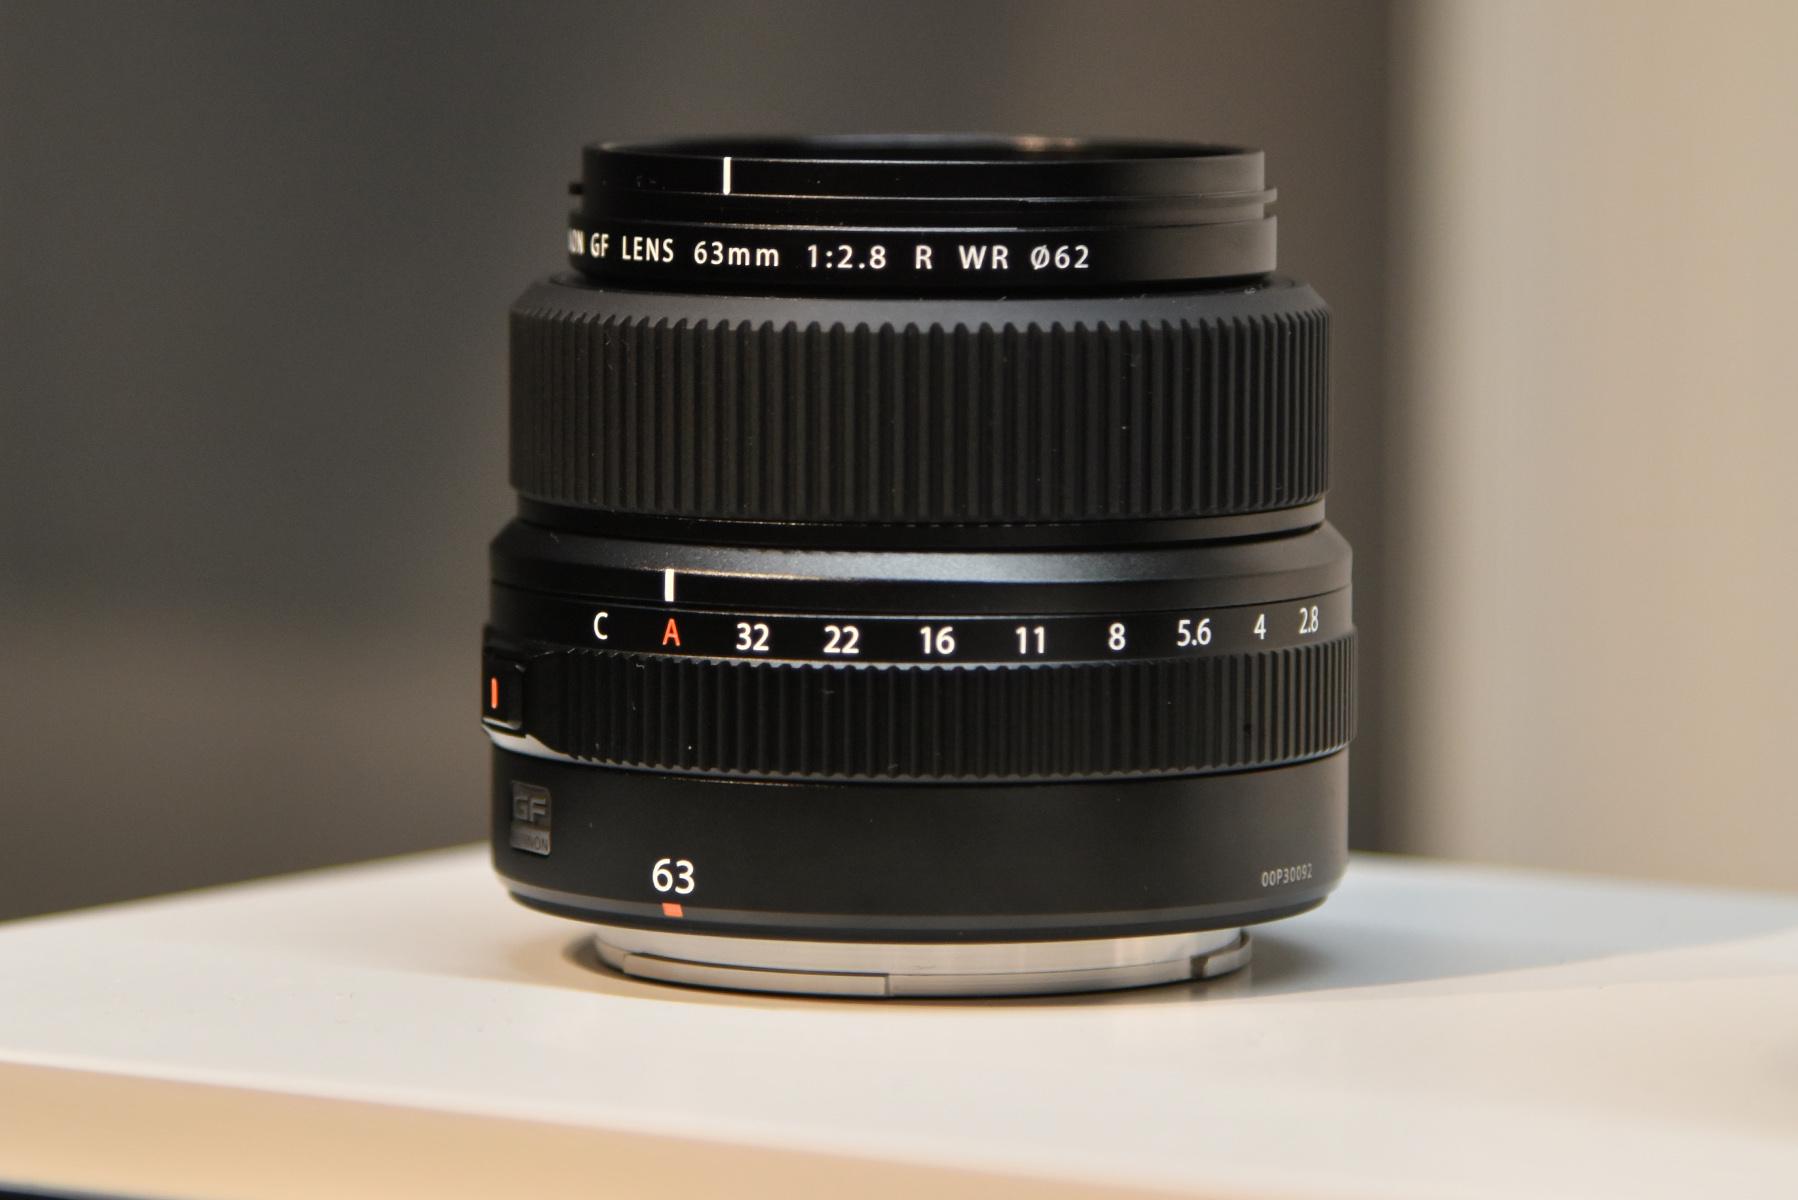 Kết quả hình ảnh cho Fujifilm GF 63mm f2.8 R WR